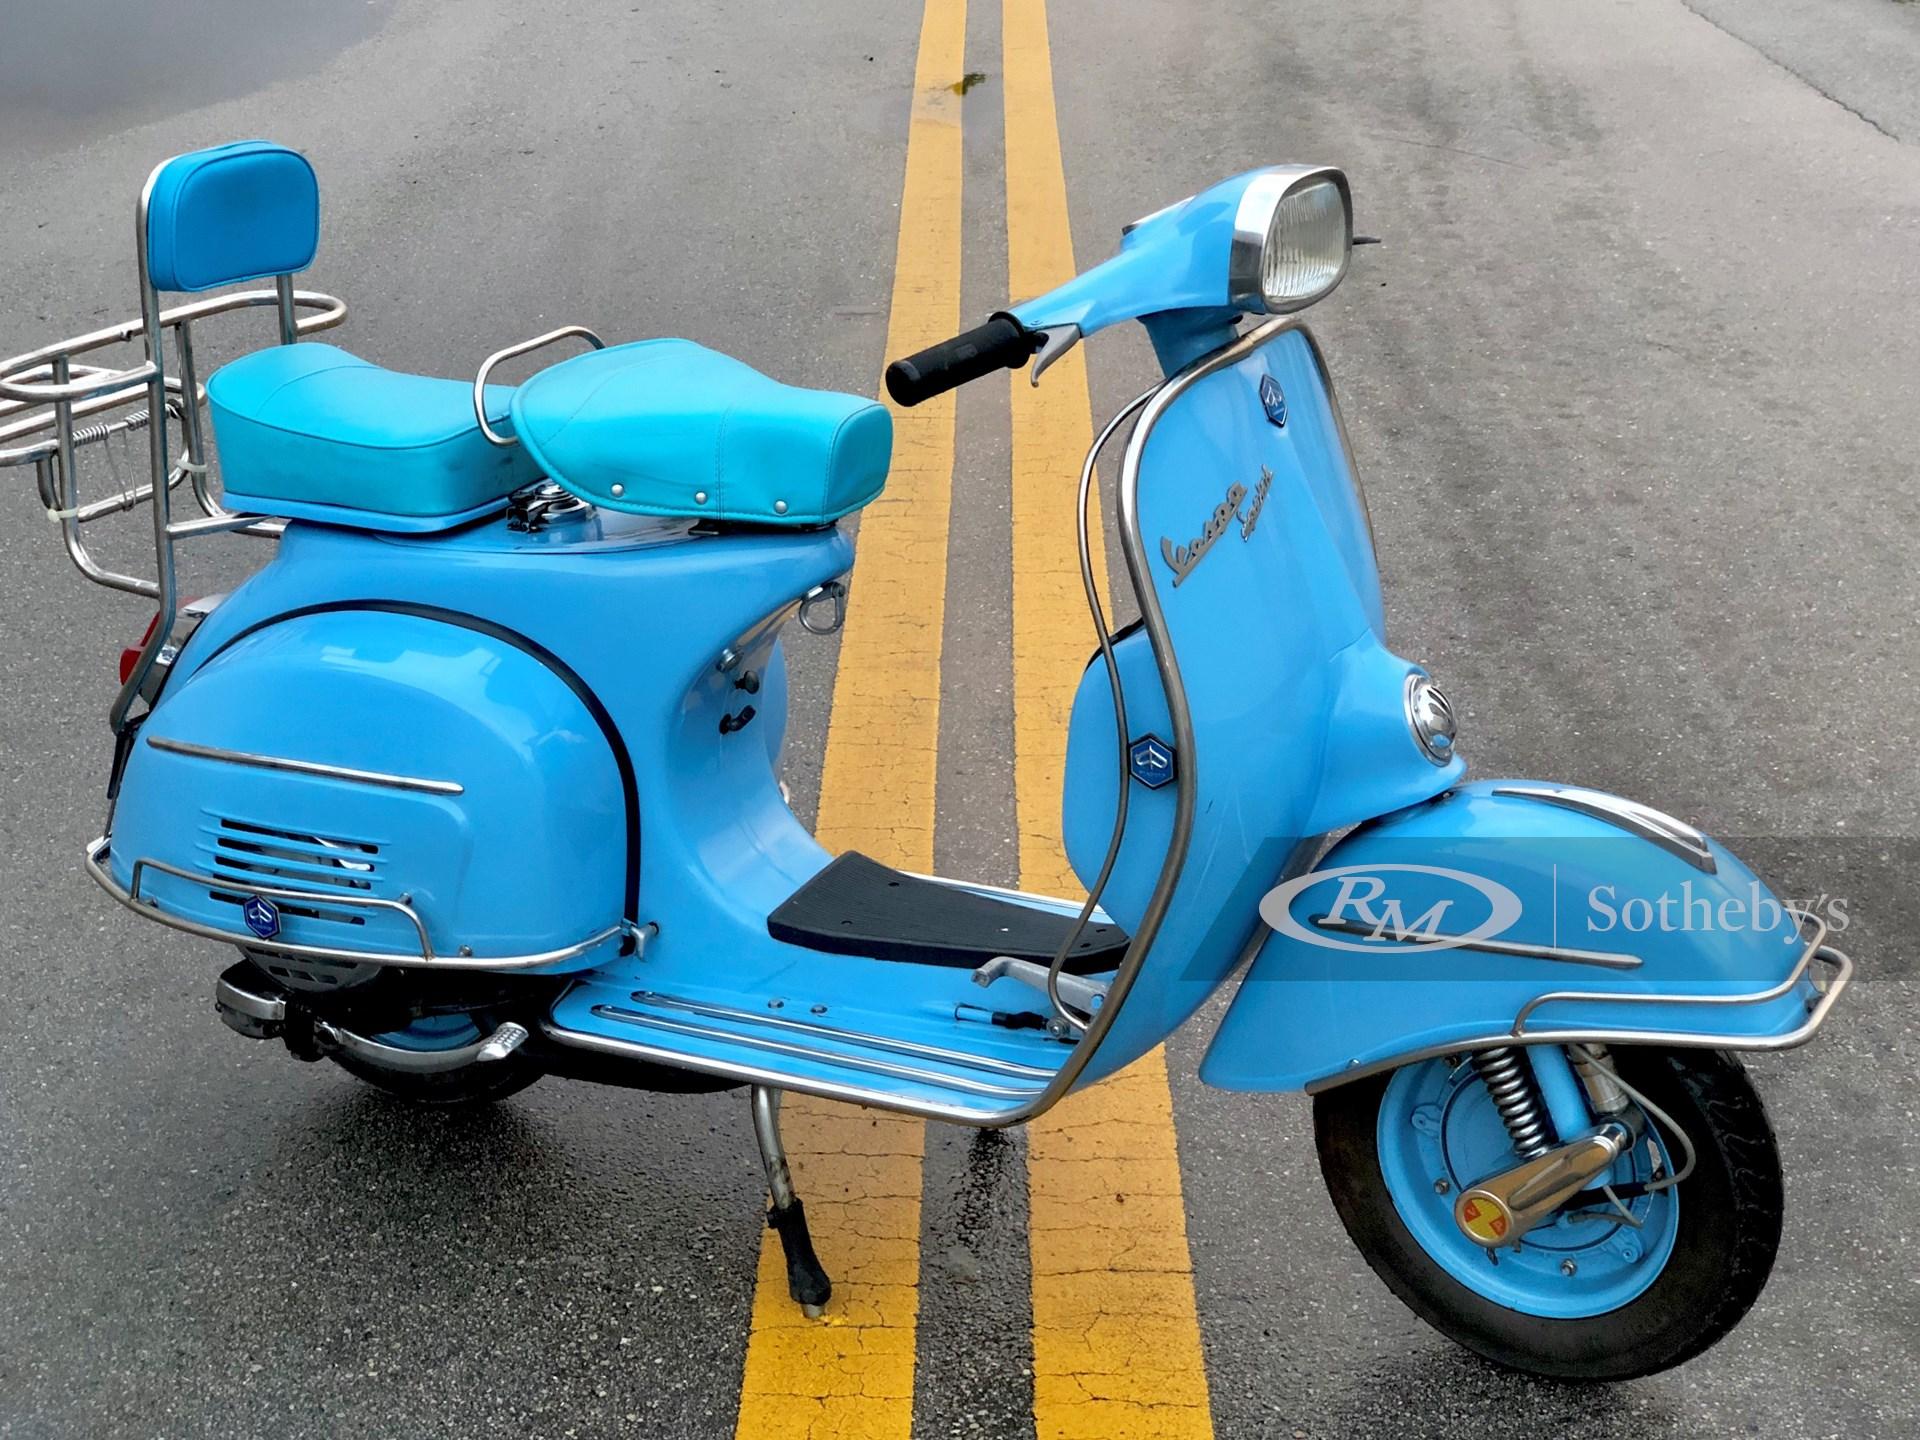 1966 Piaggio Vespa Sprint